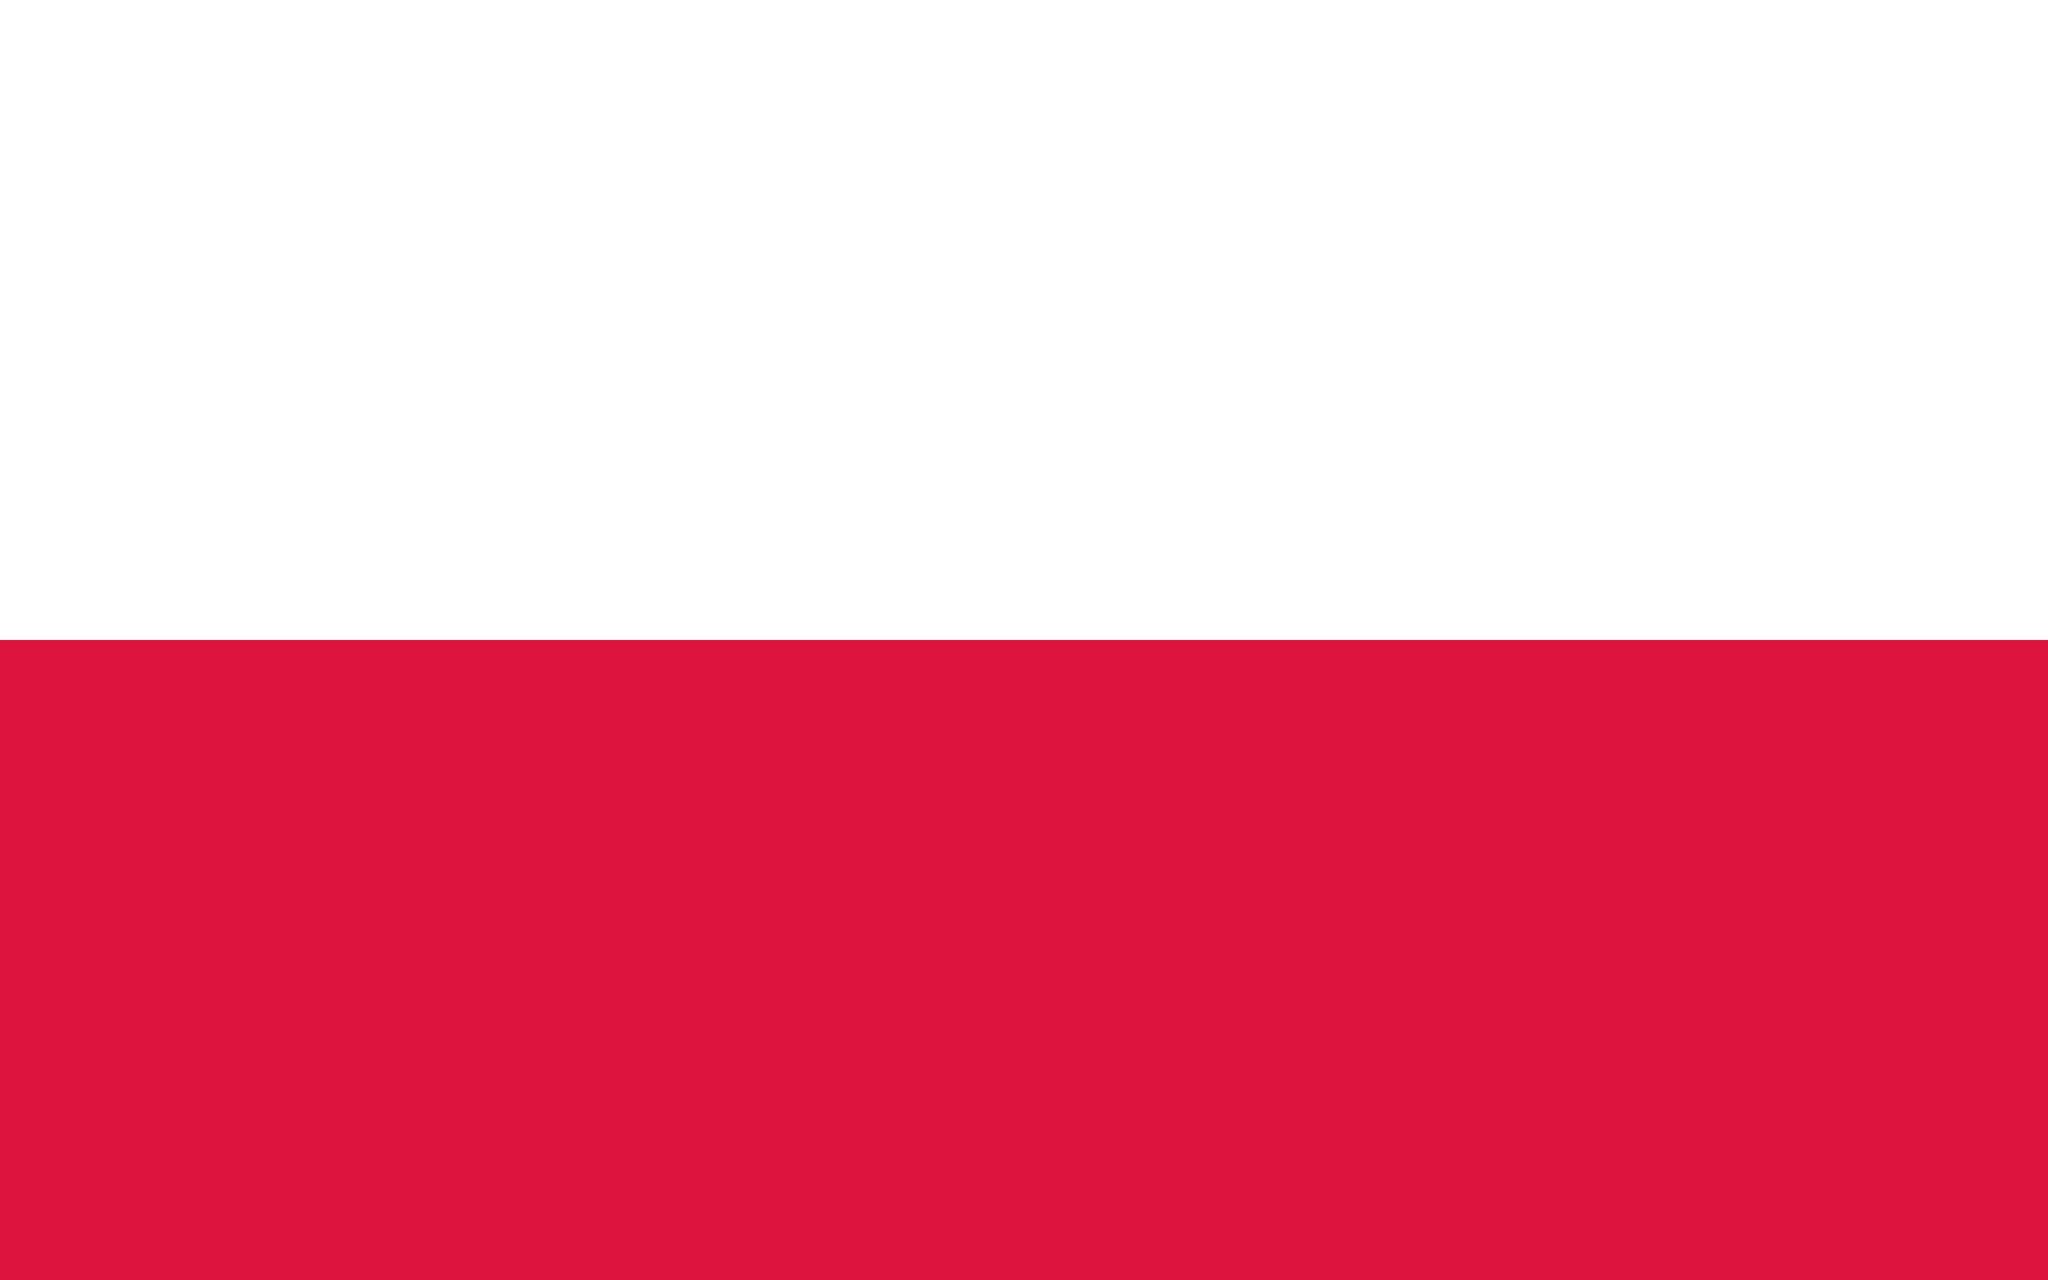 Super Drapeau de la Pologne, Drapeaux du pays Pologne KB19